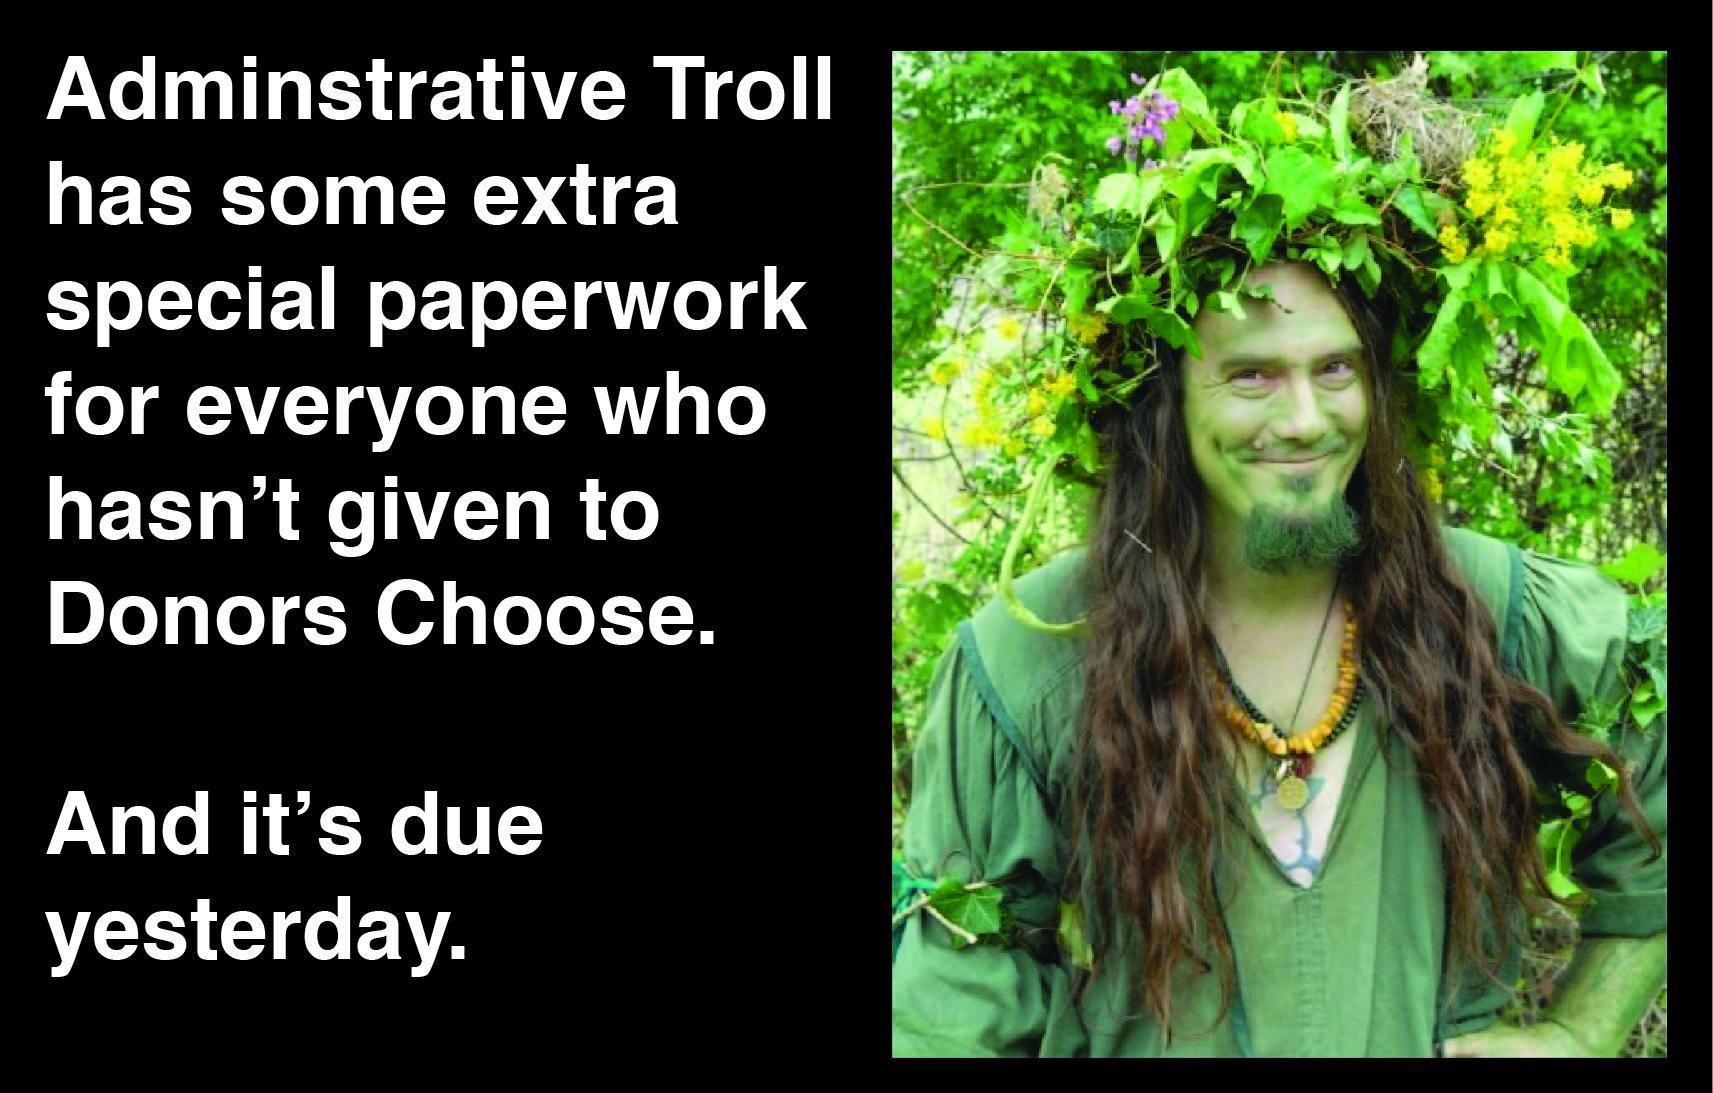 Admin troll